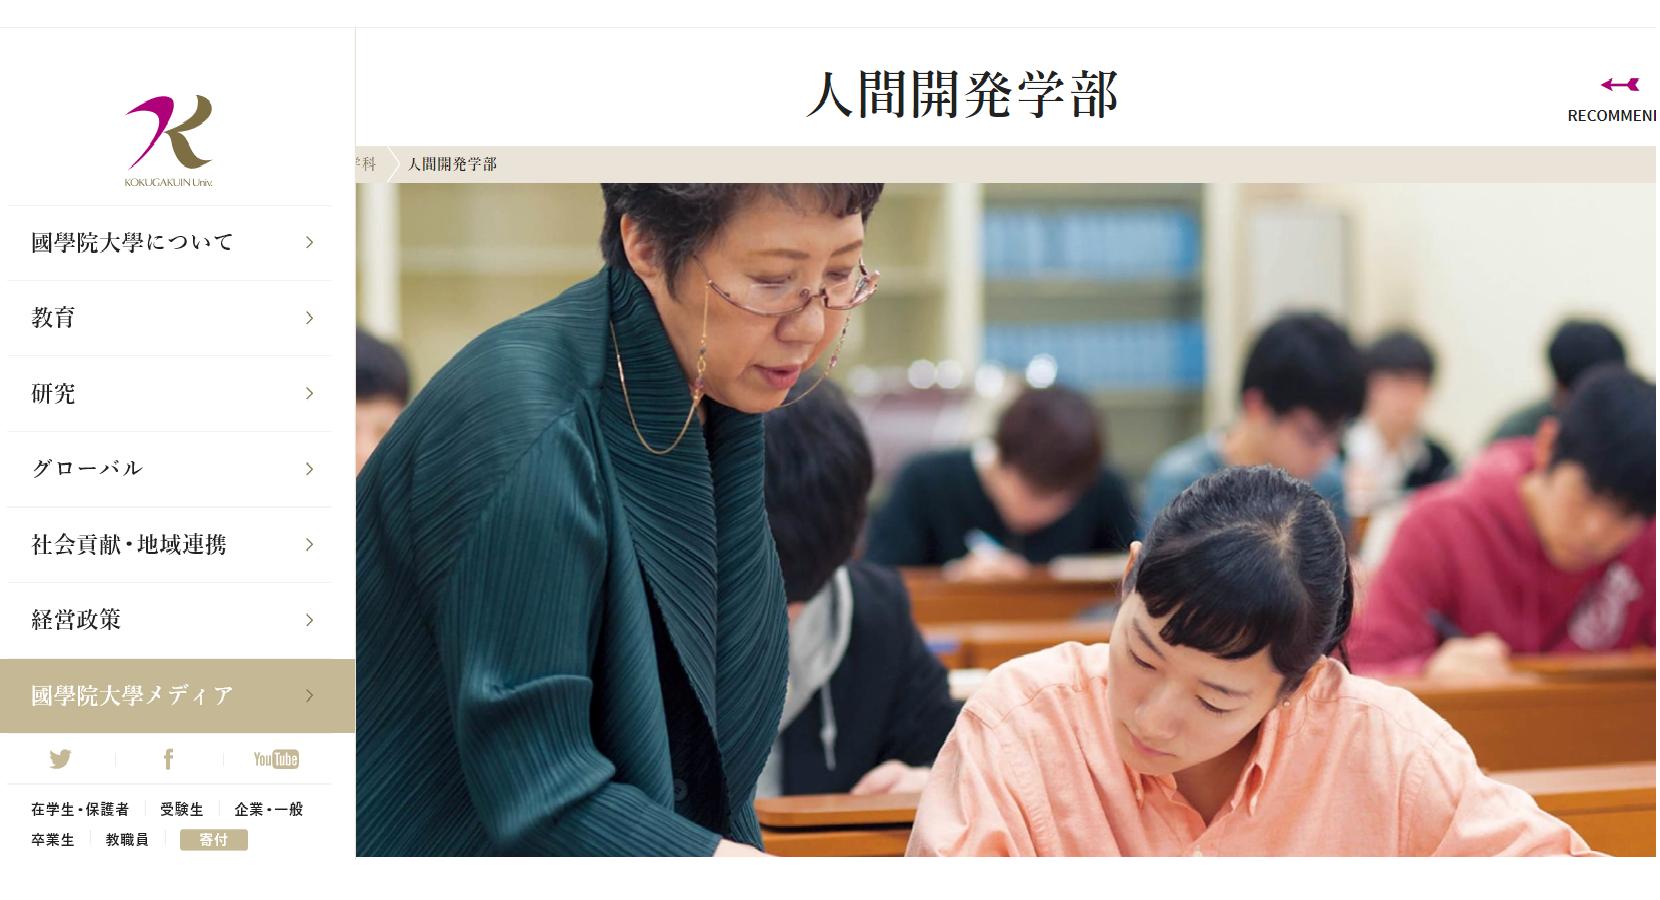 國學院大学の評判・口コミ【人間開発学部編】